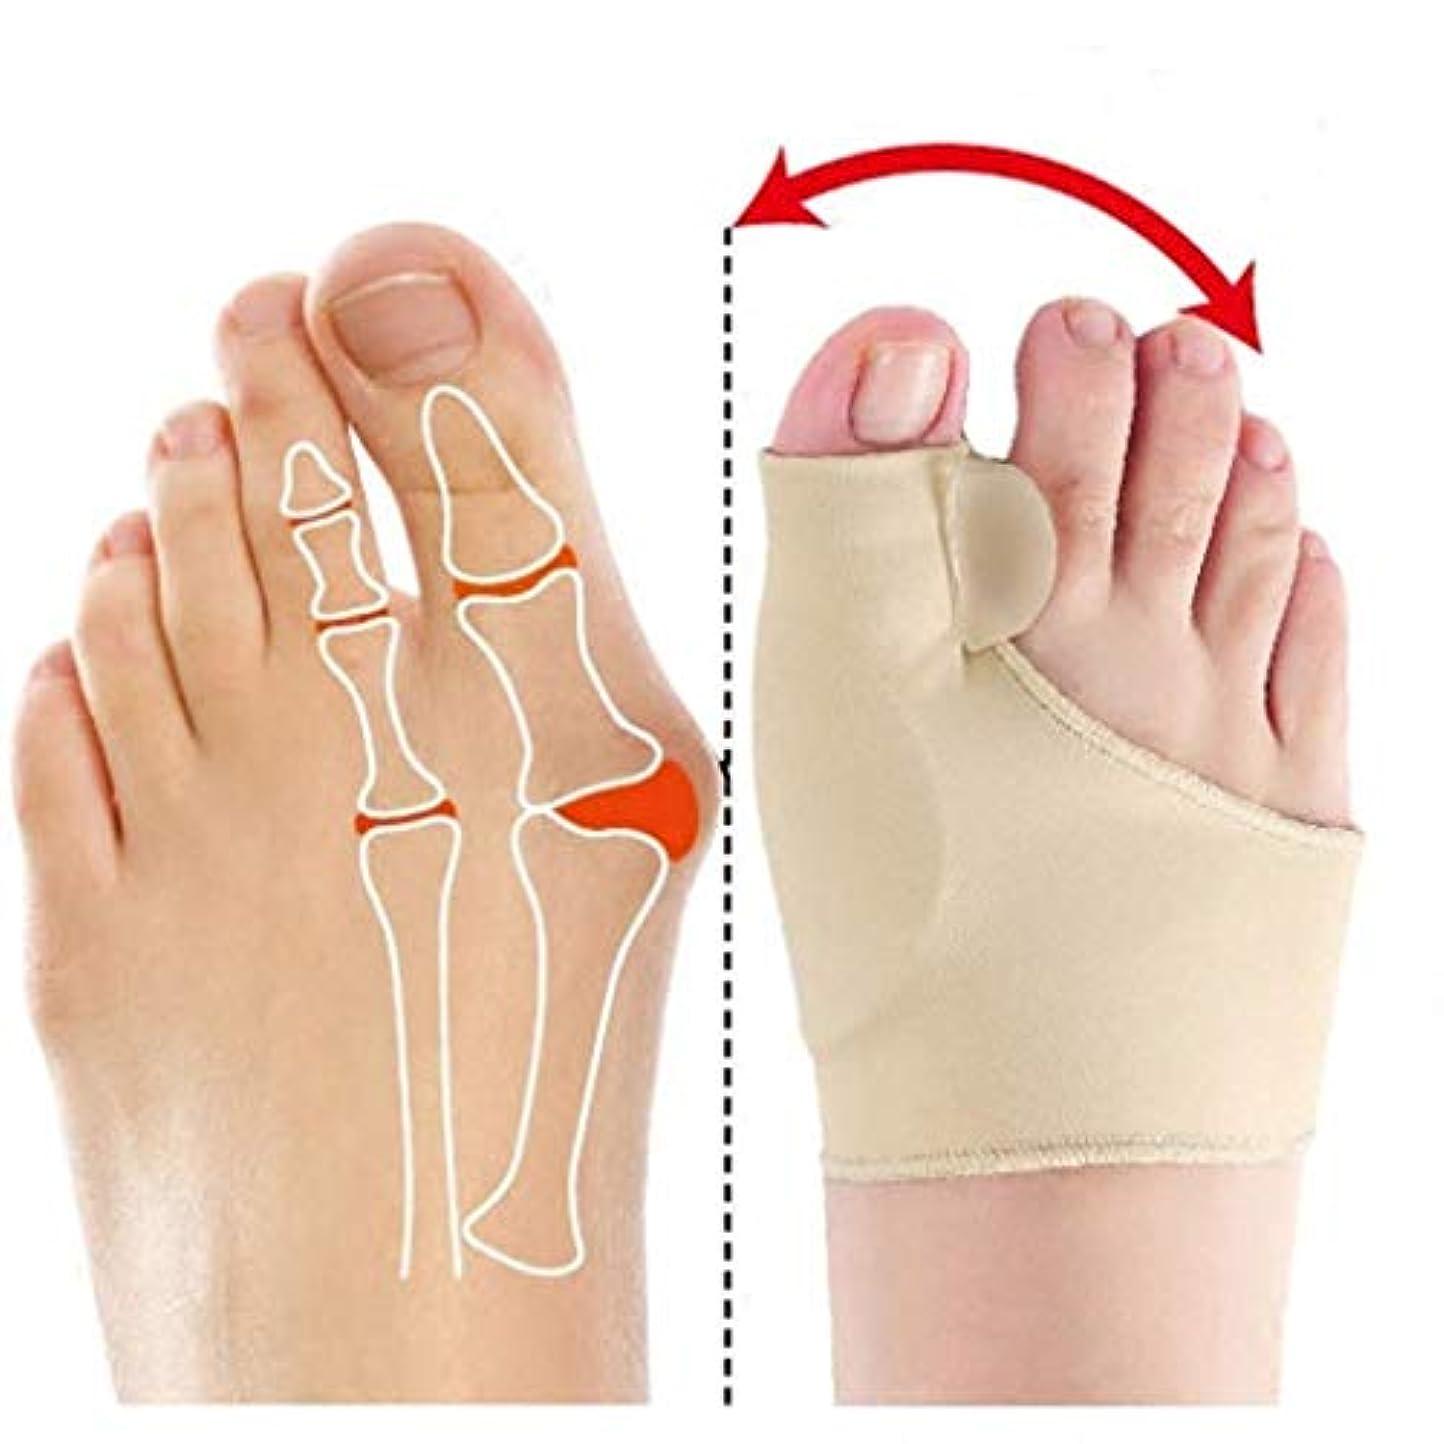 鉄道駅砦約束するDyong Thumb Toe Corrector Big Toe Straightener Toe Pain Relief Sleeve、Bunion Splint Support Sleeve with Built-in Silicone Gel Pad for Hallux Valgus Pain Relief